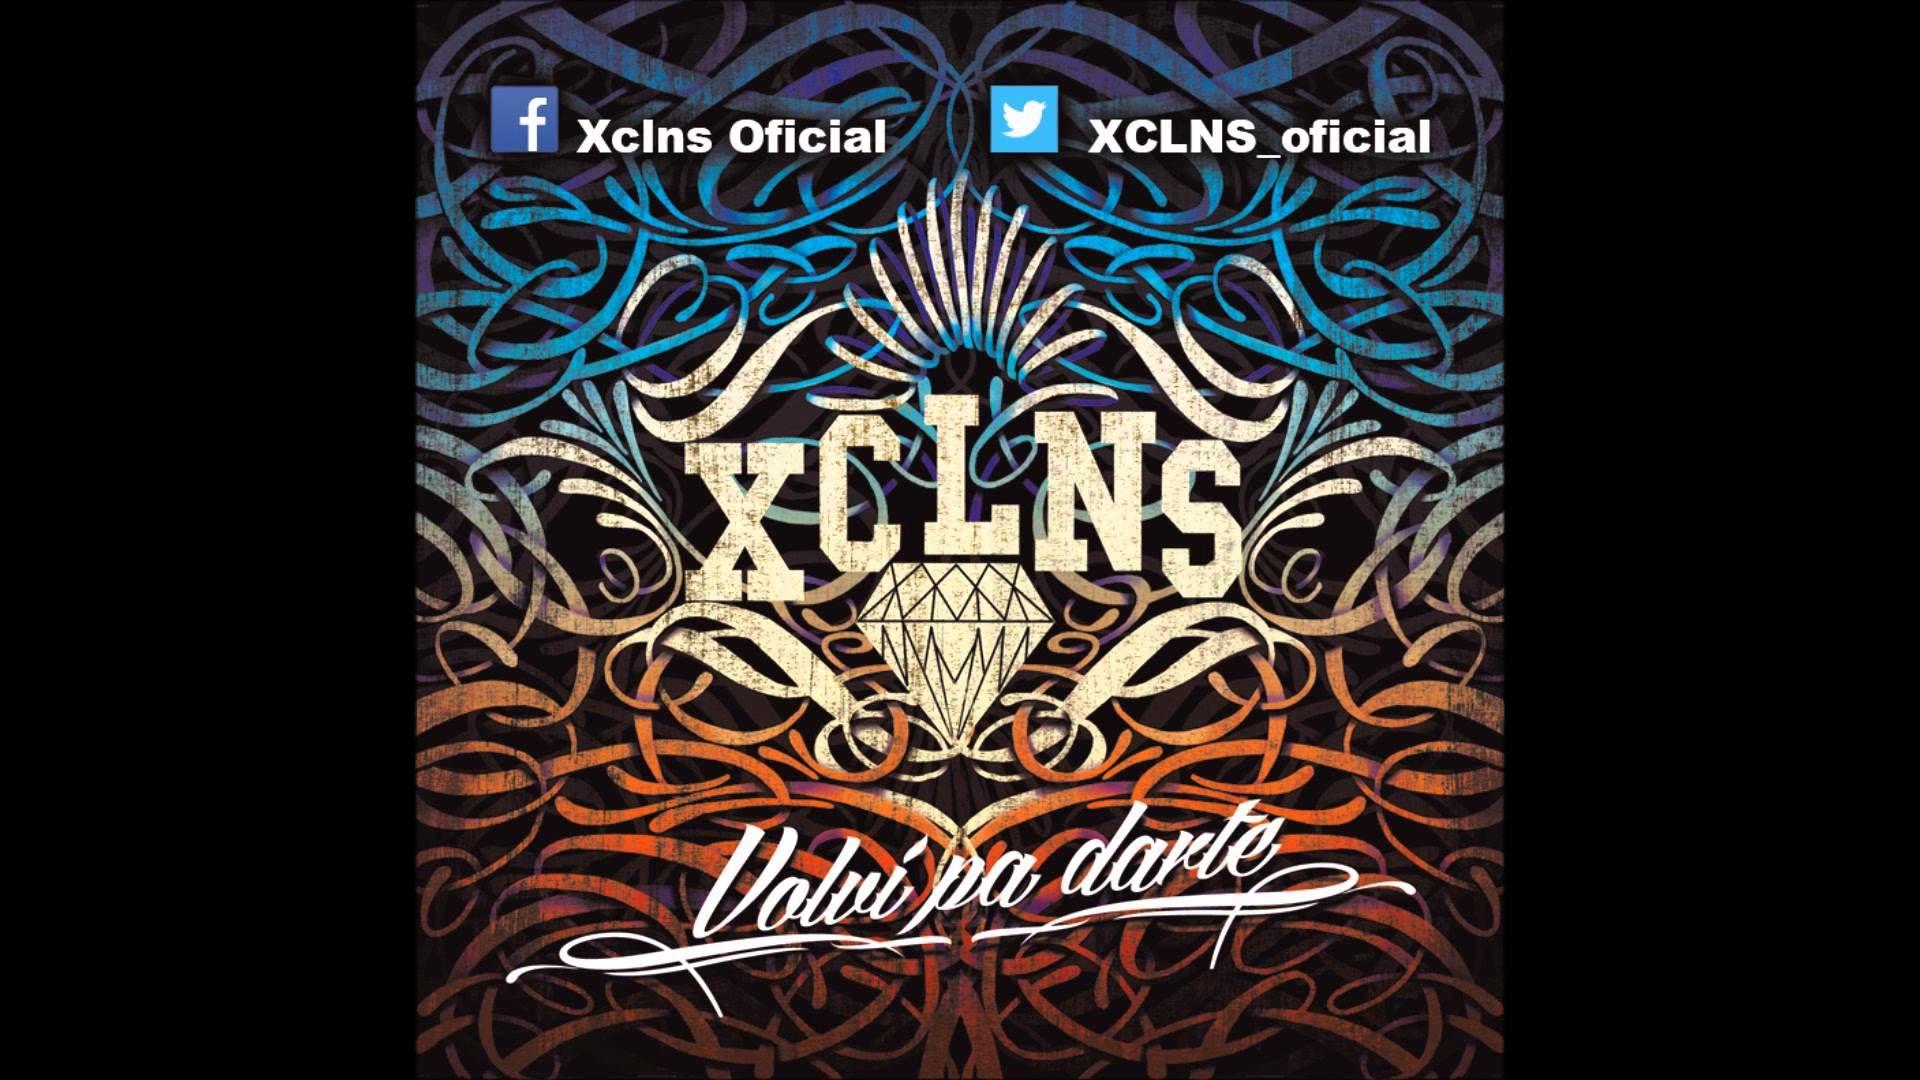 XCLNS - Vuelve - (audio oficial)